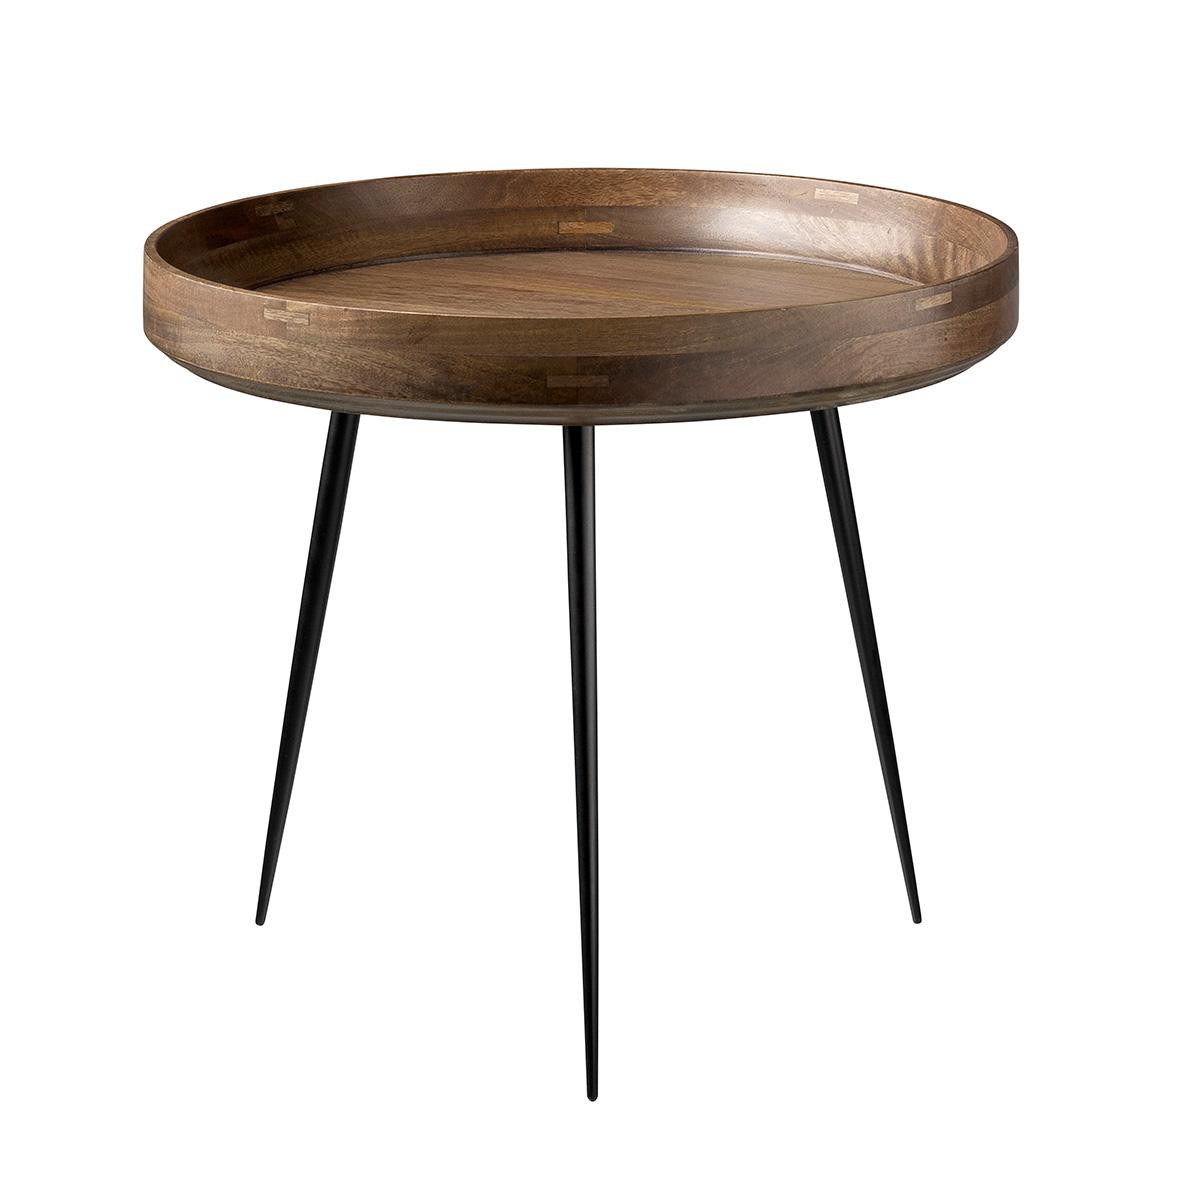 Billede af Mater sofabord - Bowl L - Sirka grå